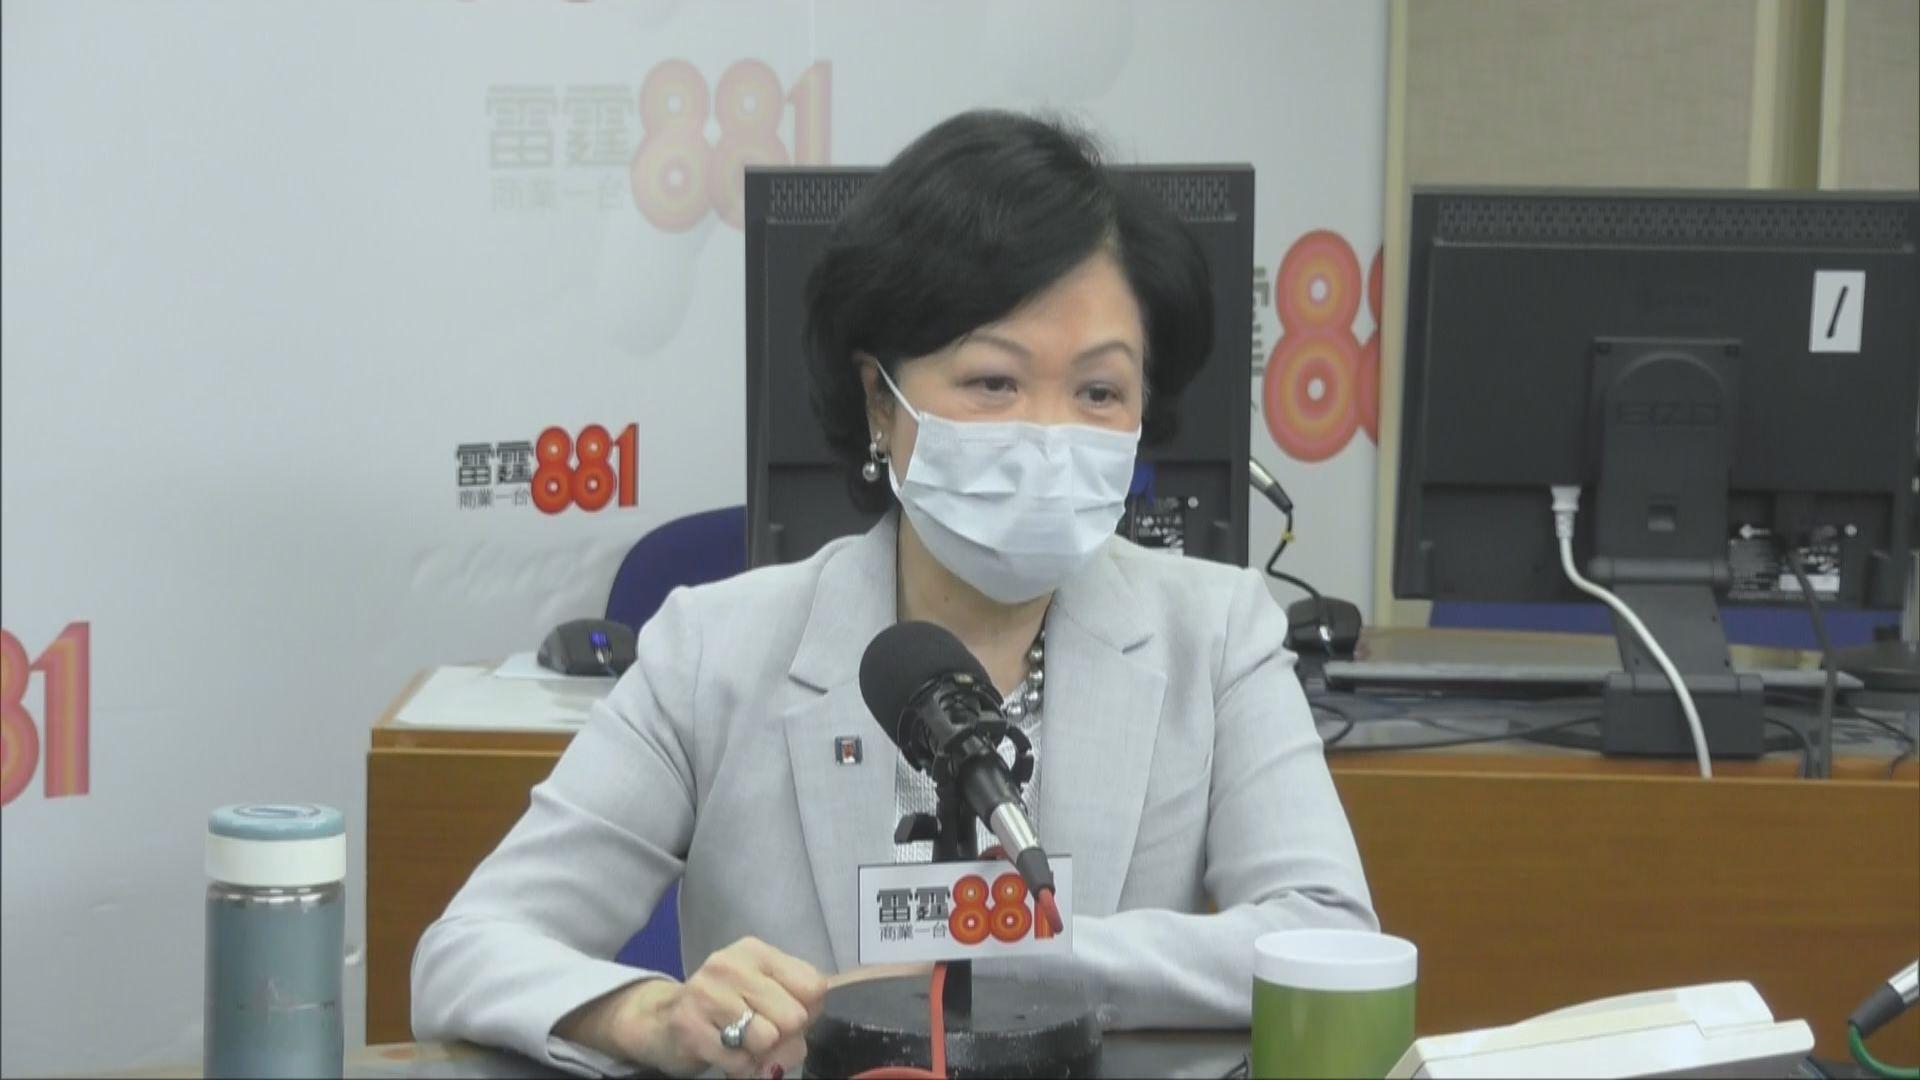 反修例一年 葉劉淑儀:政府應非兵臨城下才撤回修訂